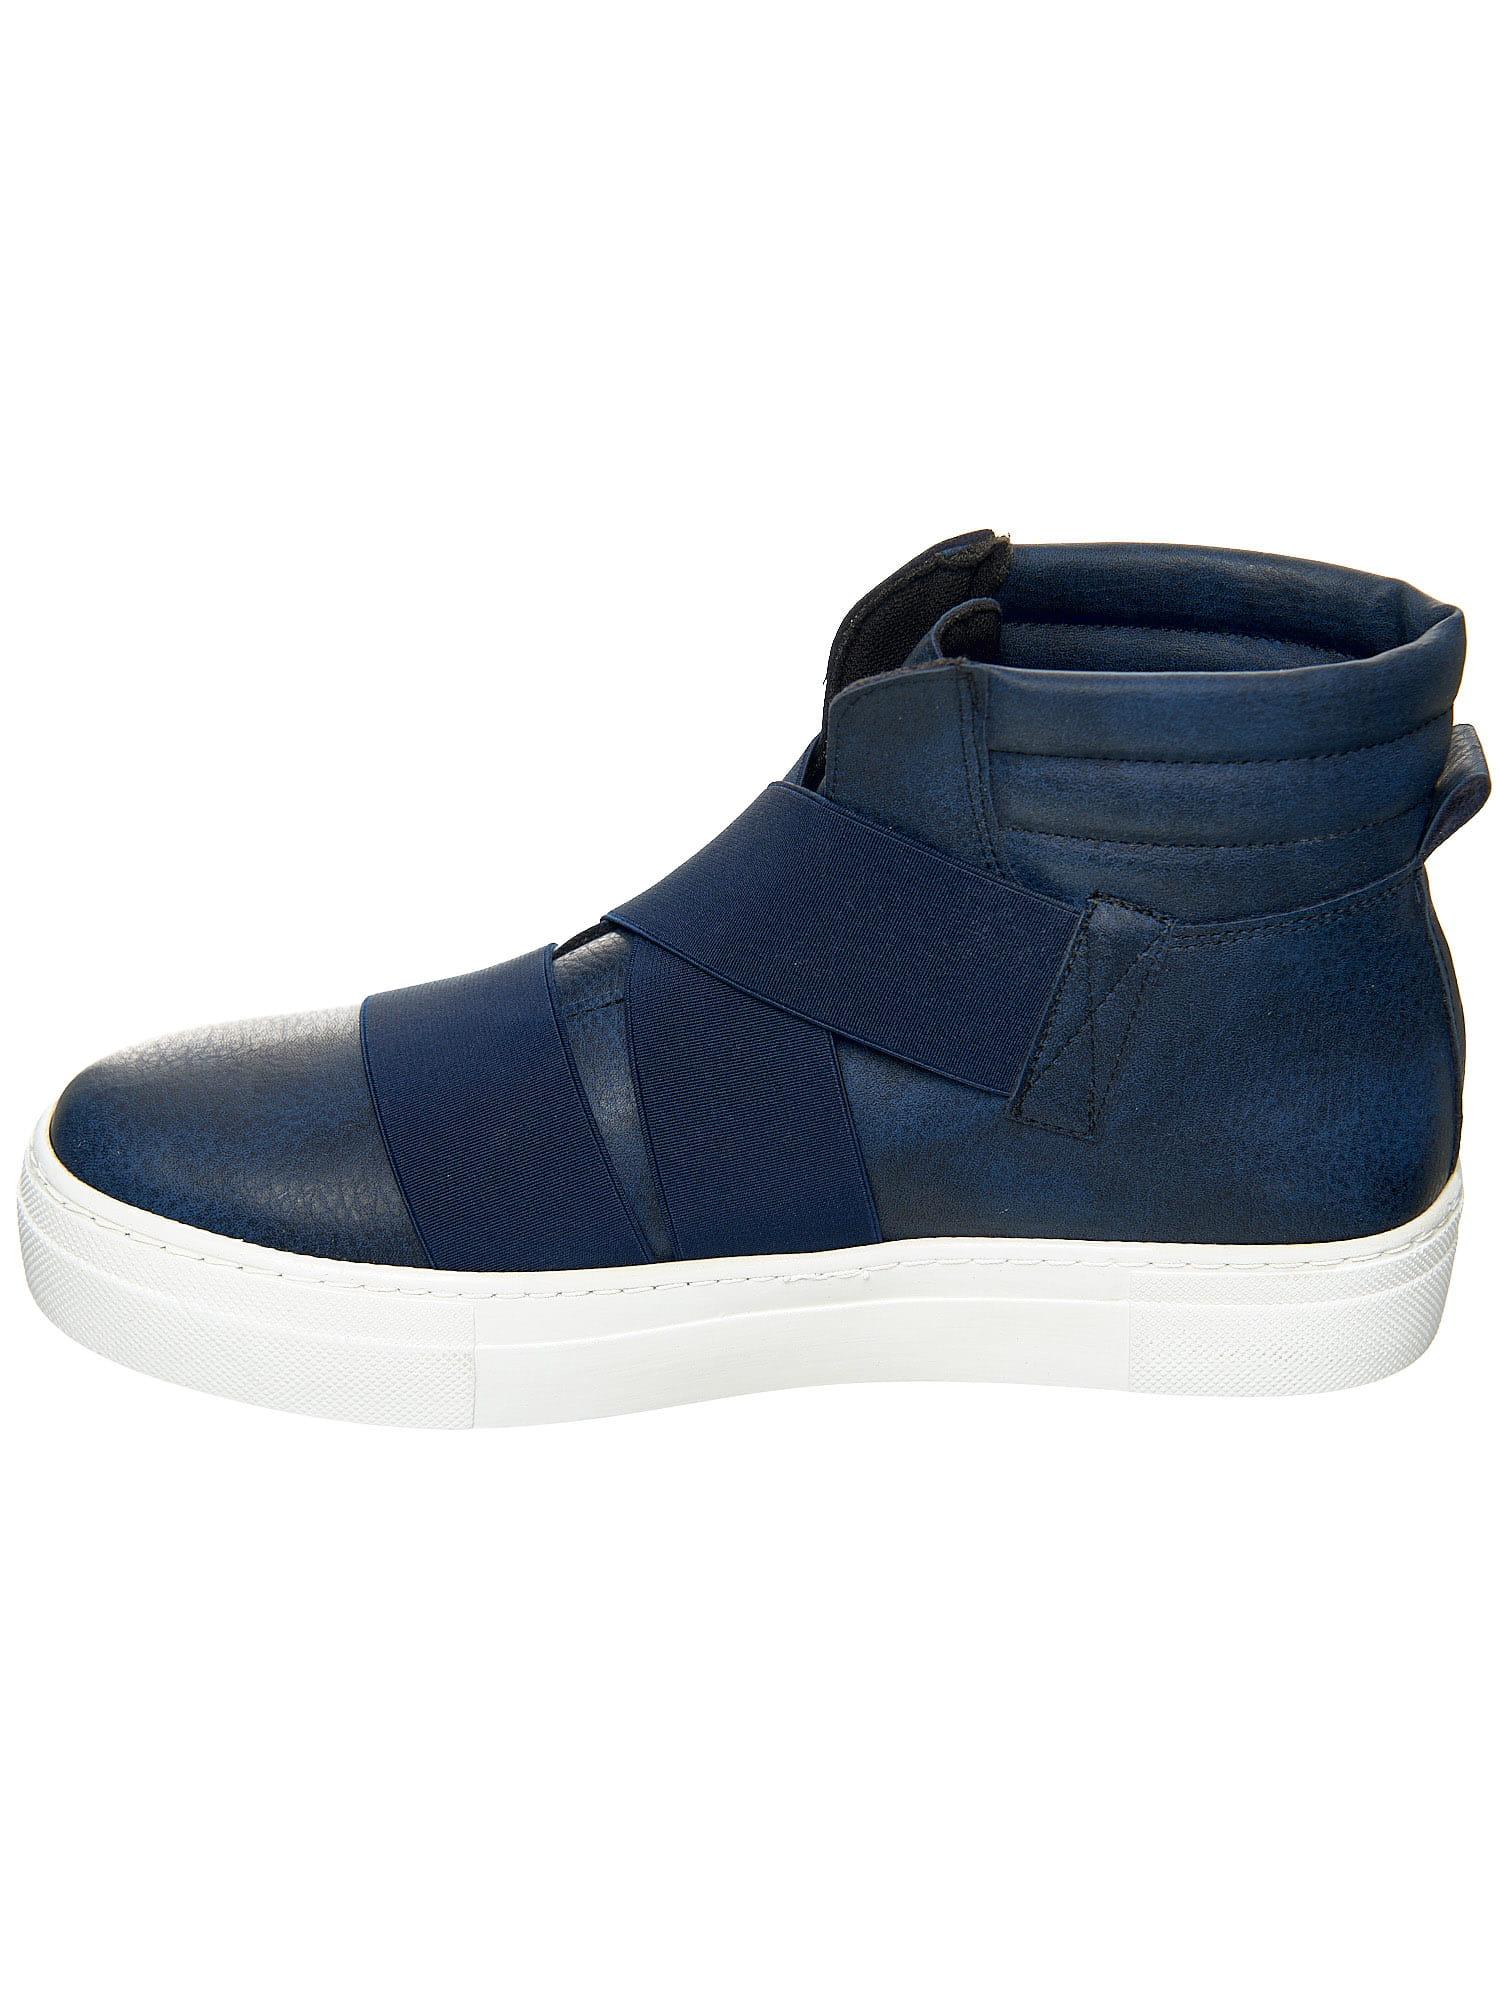 Herren Sneaker Freizeitschuh Straßenschuh Laufschuh Casual Lederoptik SH-H023